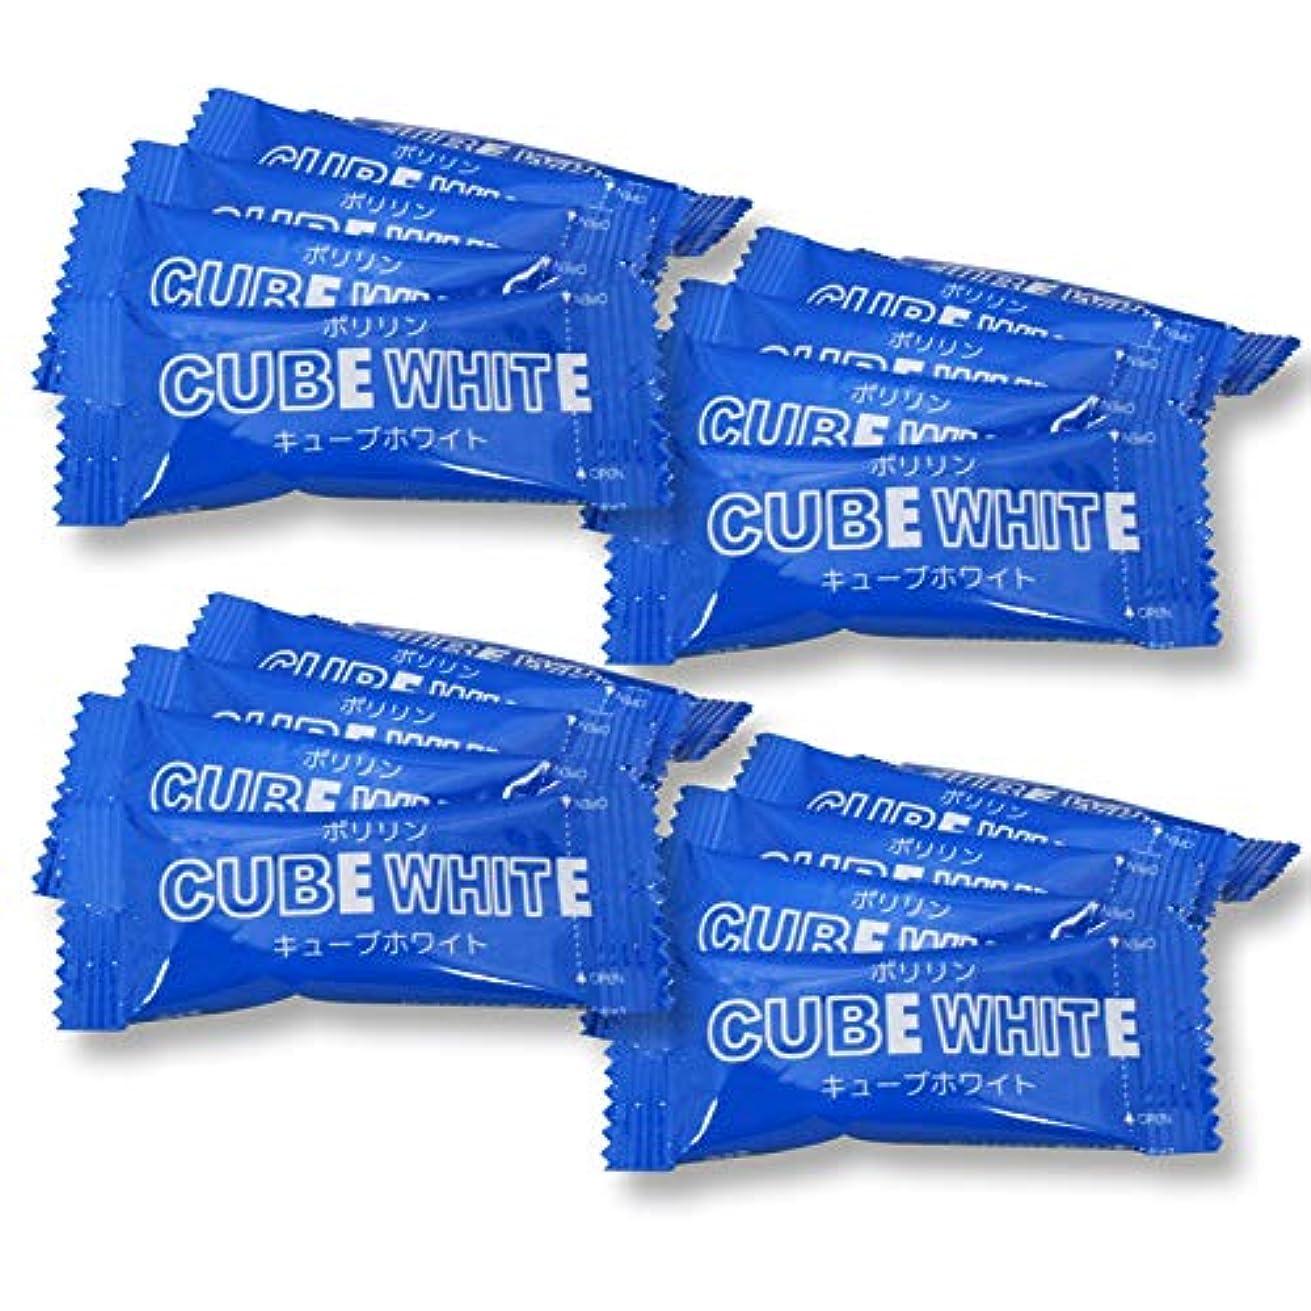 テメリティ余裕がある振る舞いリジェンティス キューブホワイト 【20袋入】 歯面専用 スポンジ 歯 ブラシ 付き ホワイトニング 歯磨き